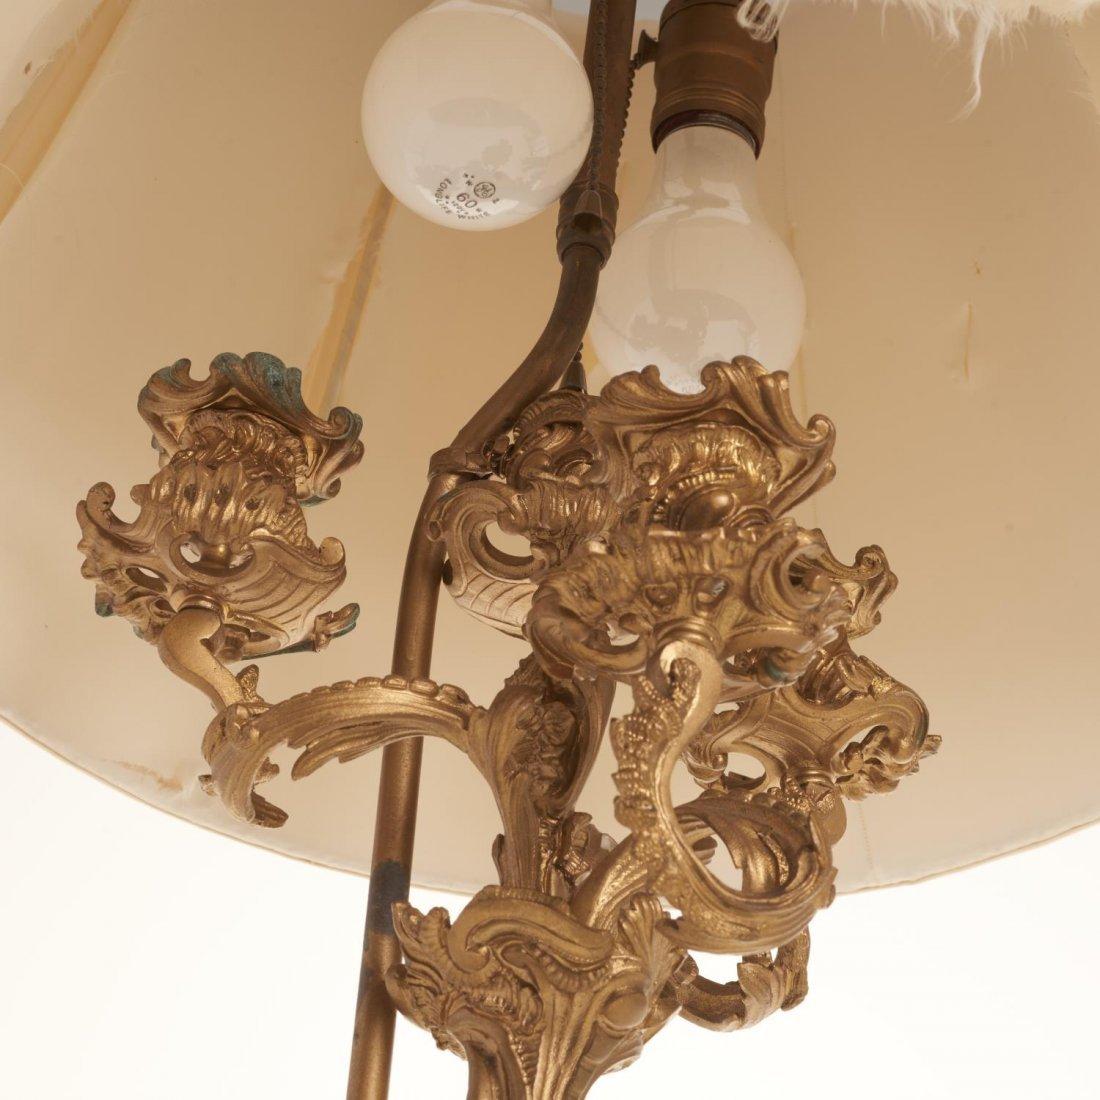 Napoleon III gilt bronze candelabra lamp - 6